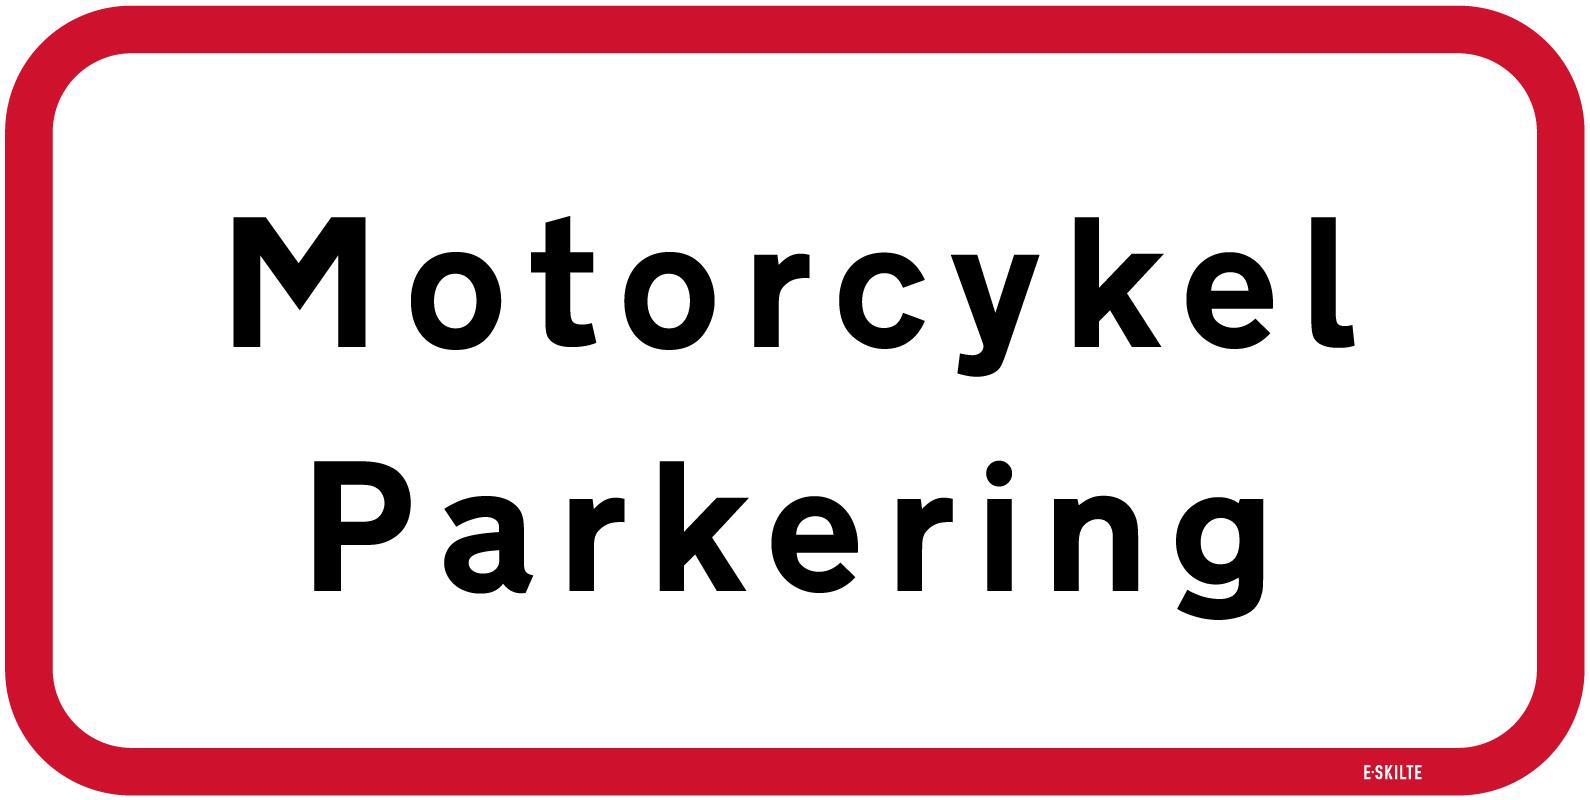 Motorcykel parkering skilt